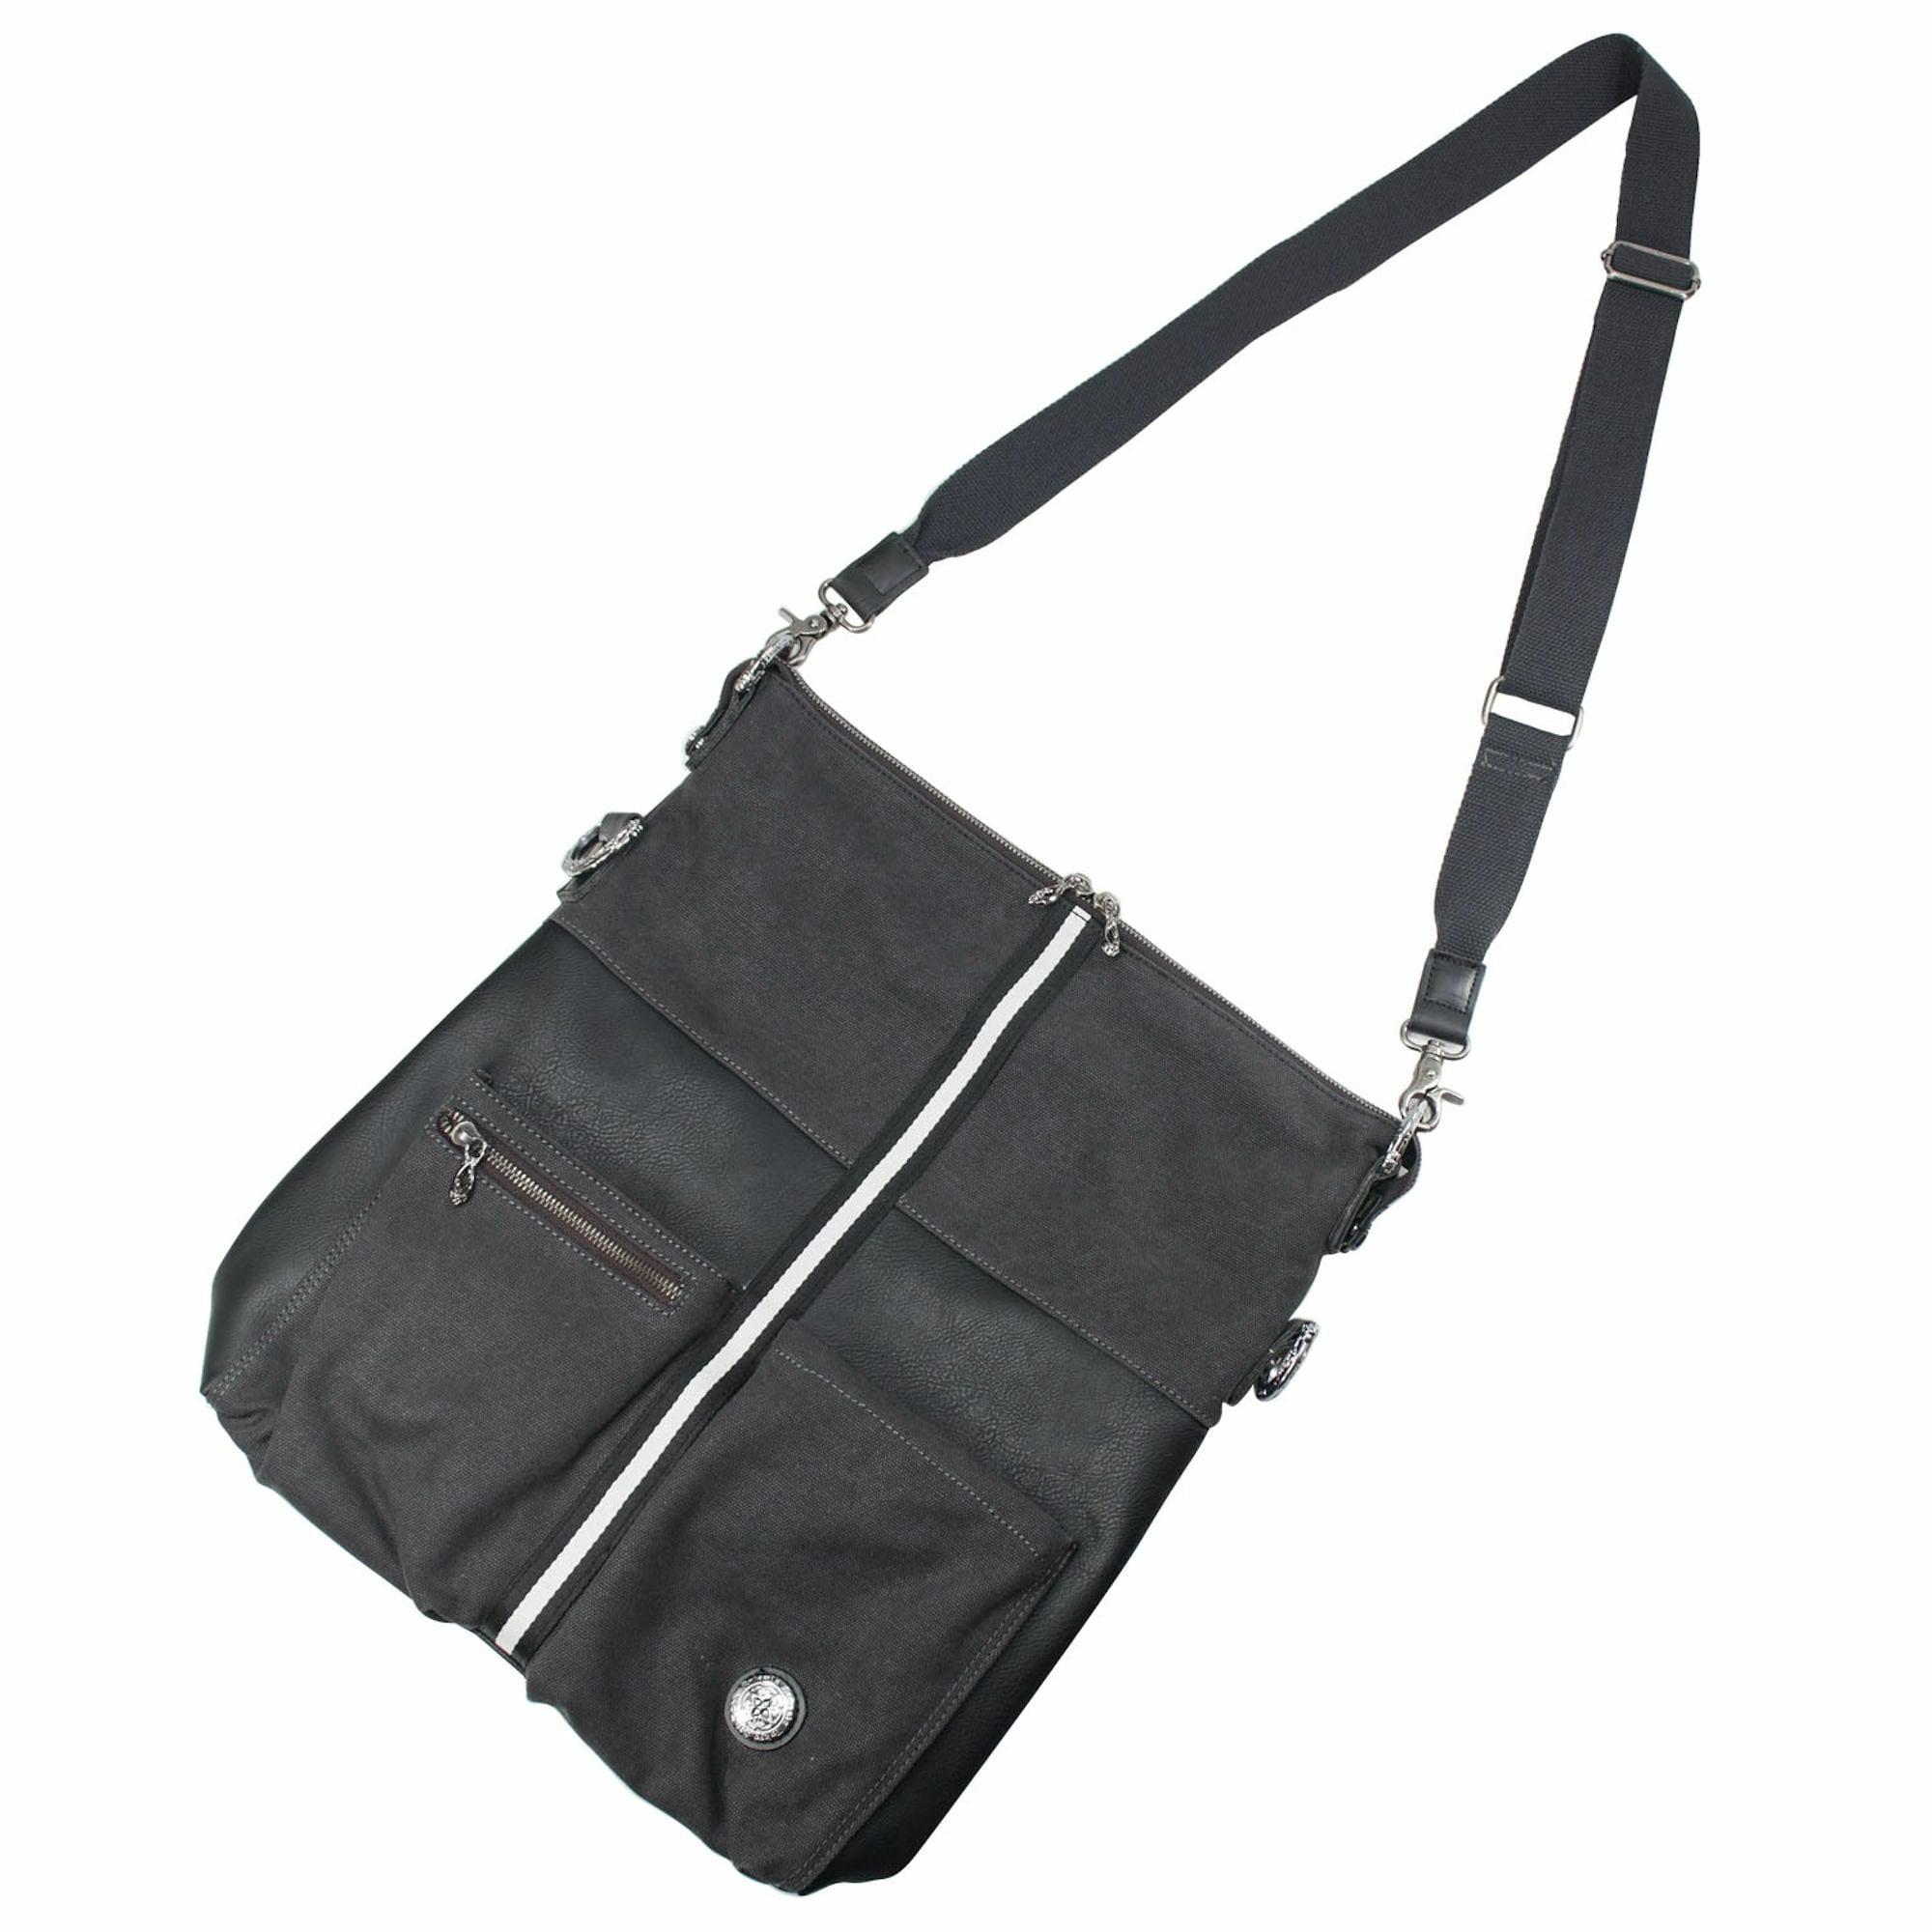 キャンバス2WAYショルダーバッグ ACBG0019 Canvas 2WAY shoulder bag